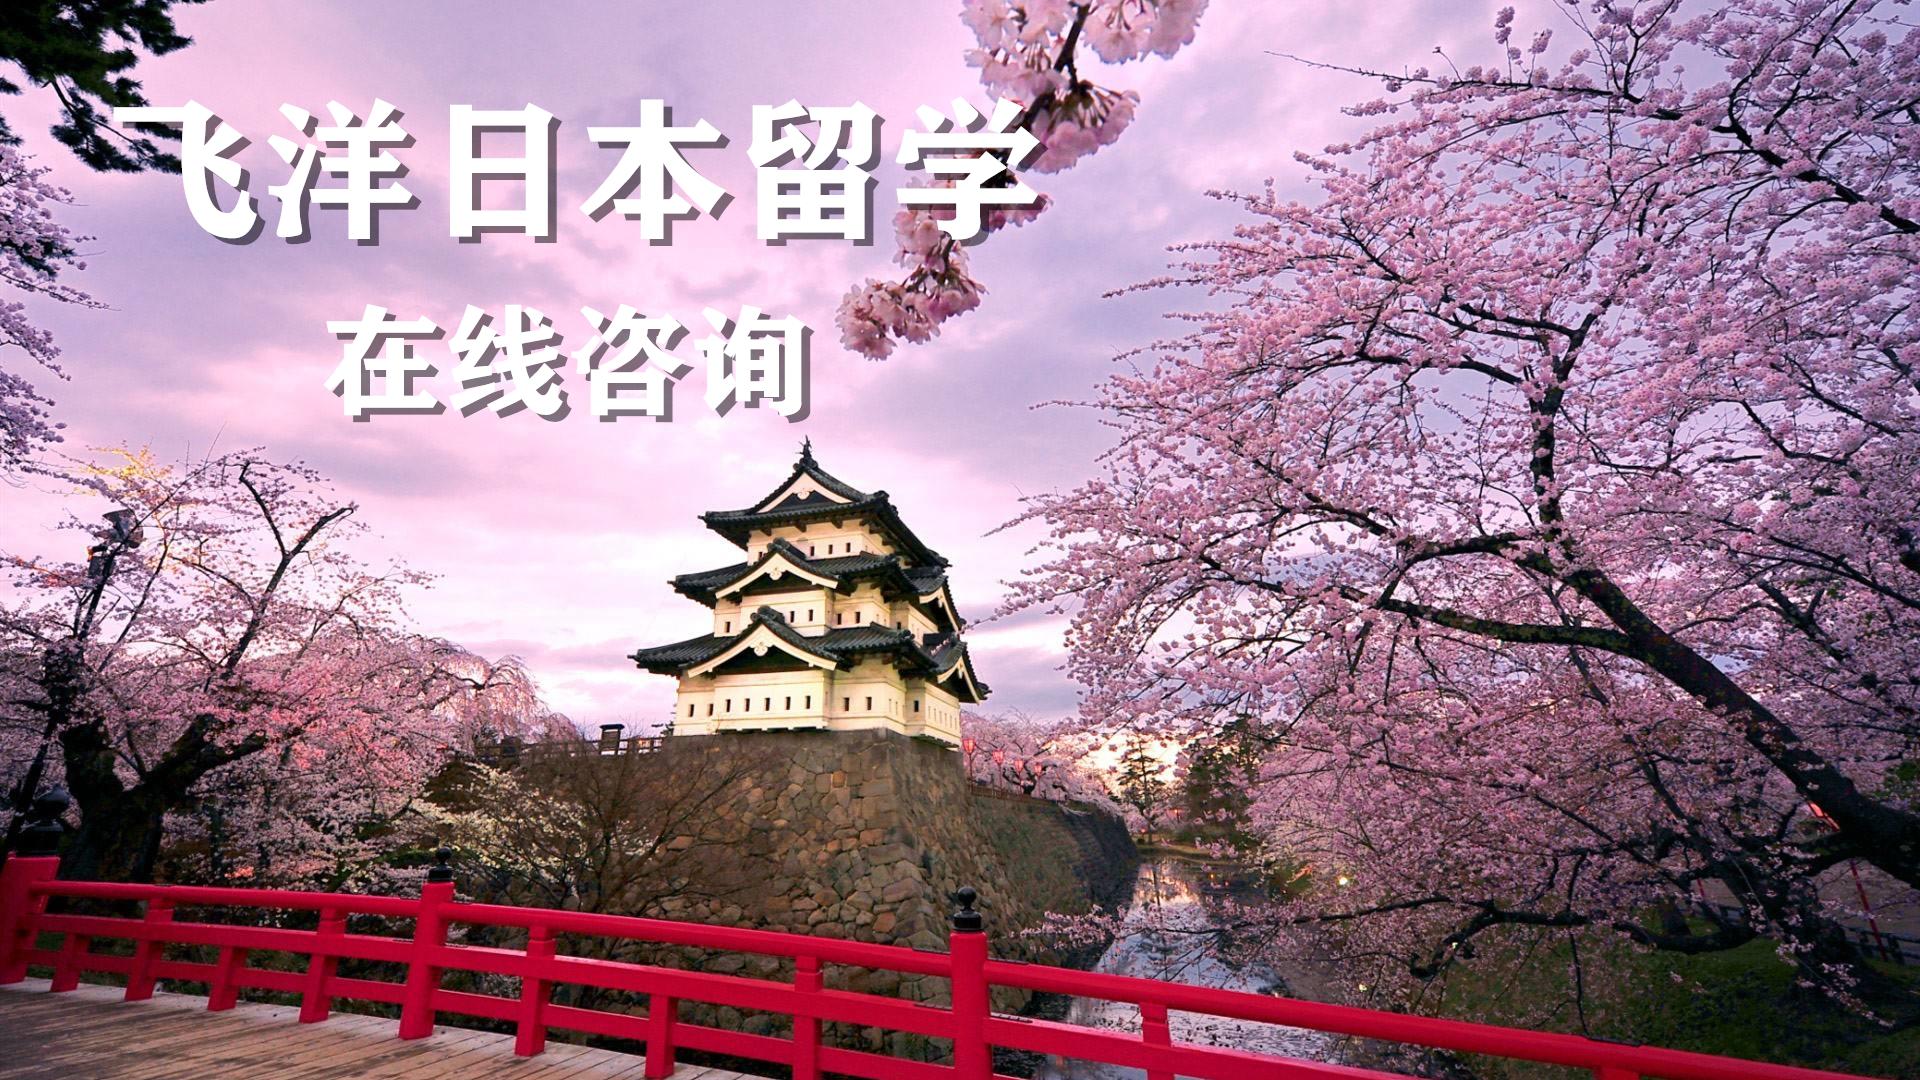 南陽日本留學機構-南陽申請日本留學課程